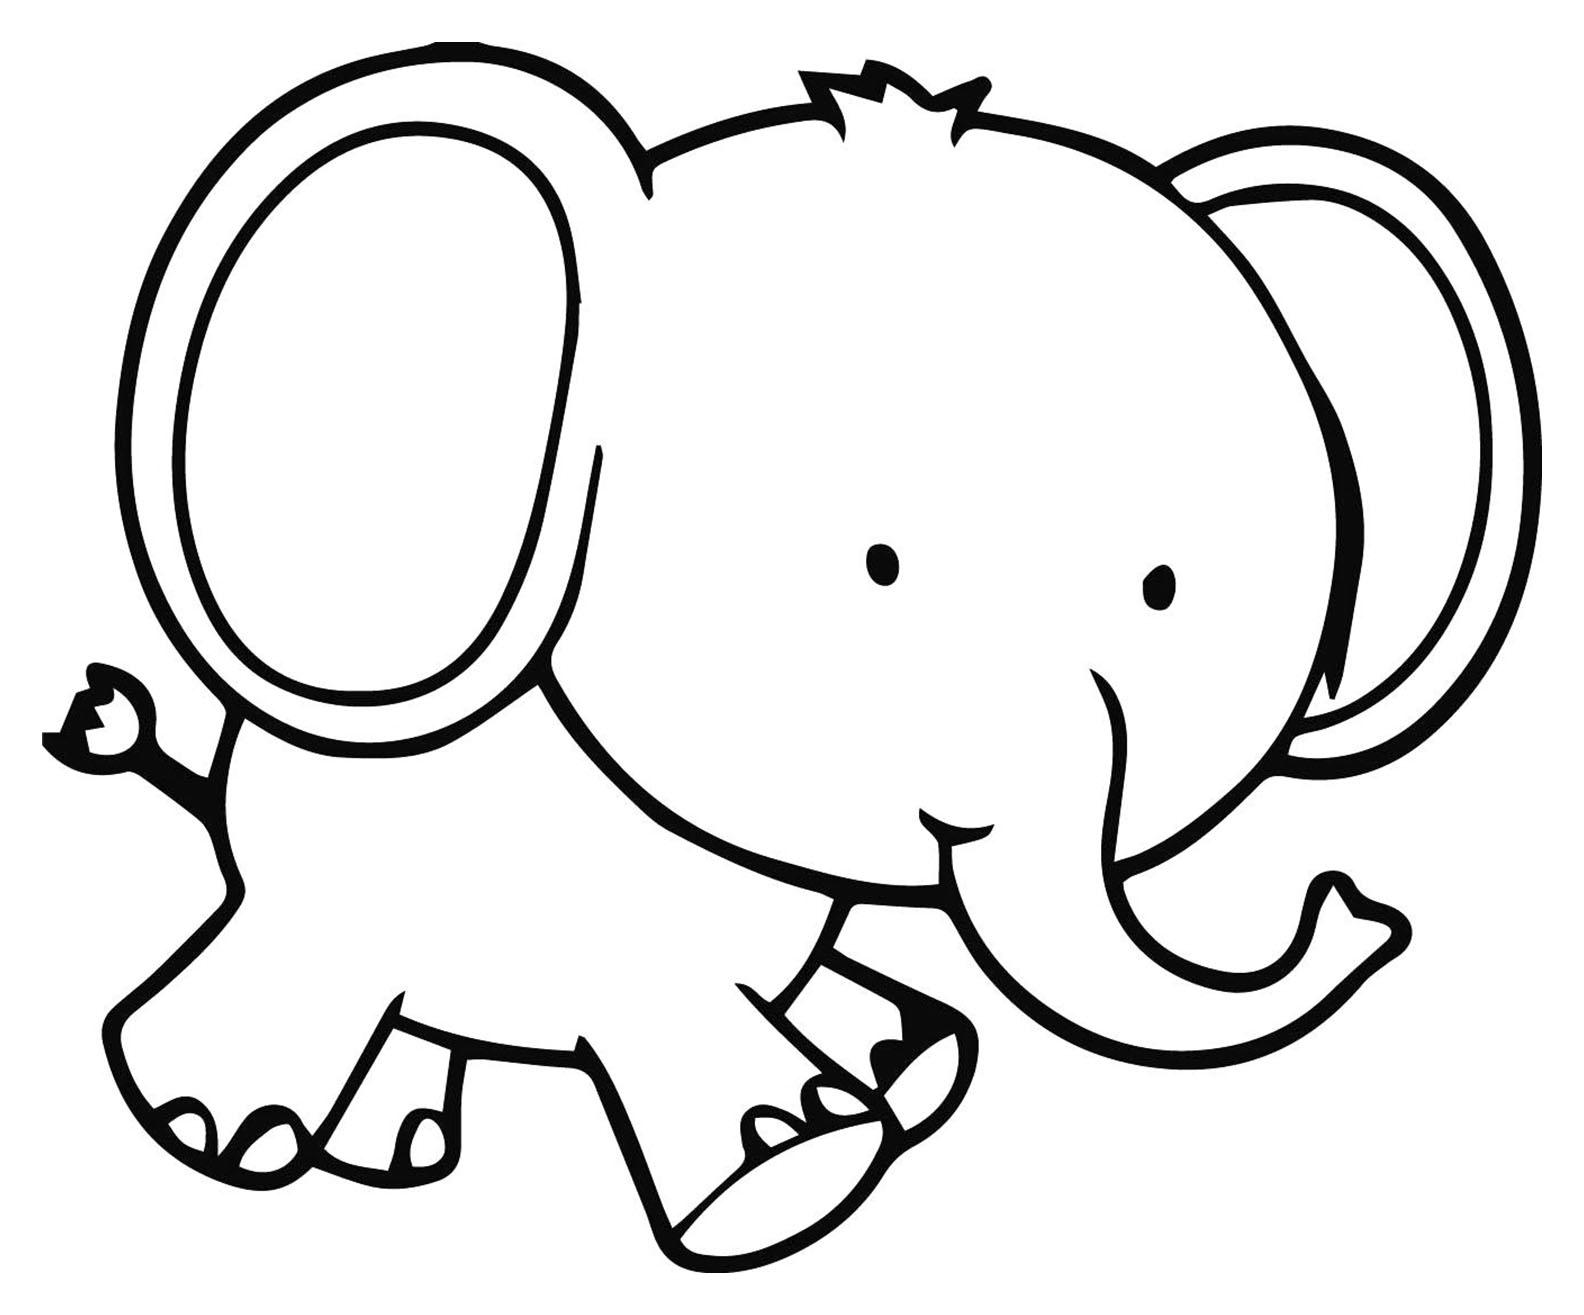 Coloriage D'éléphant À Imprimer - Coloriage D'éléphants à Dessin Facile Pour Enfant